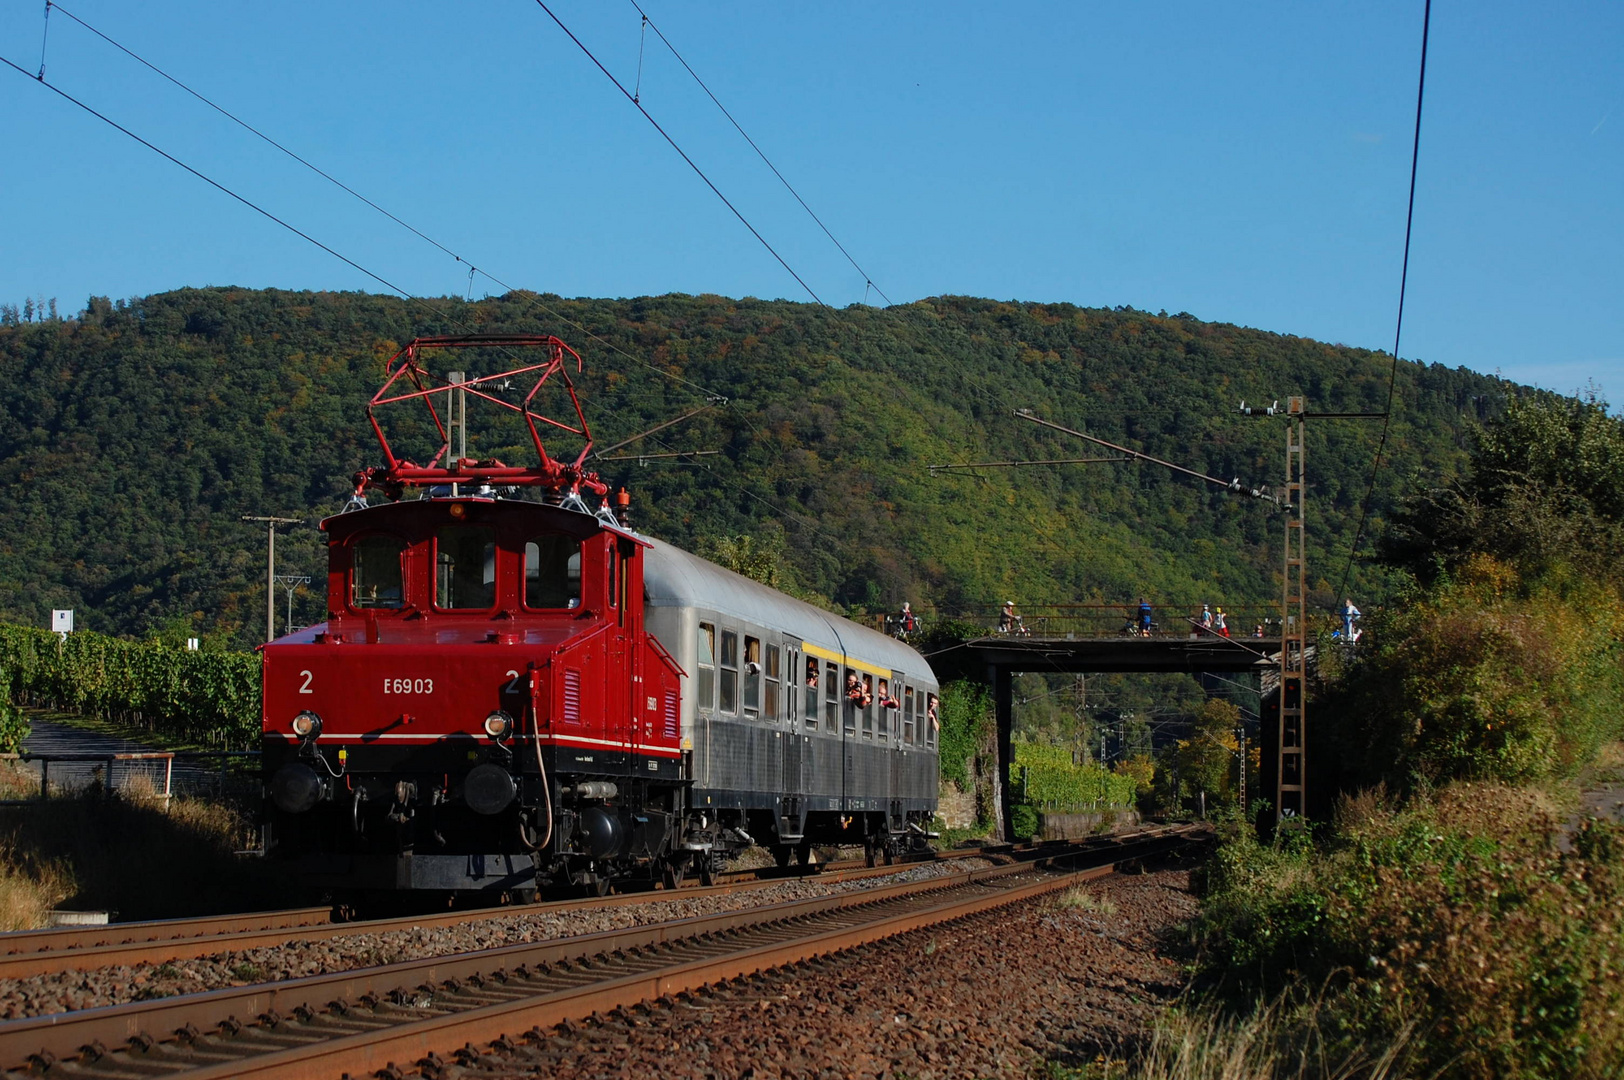 E69 003 auf der Fahrt von Koblenz nach Kobern-Gondorf